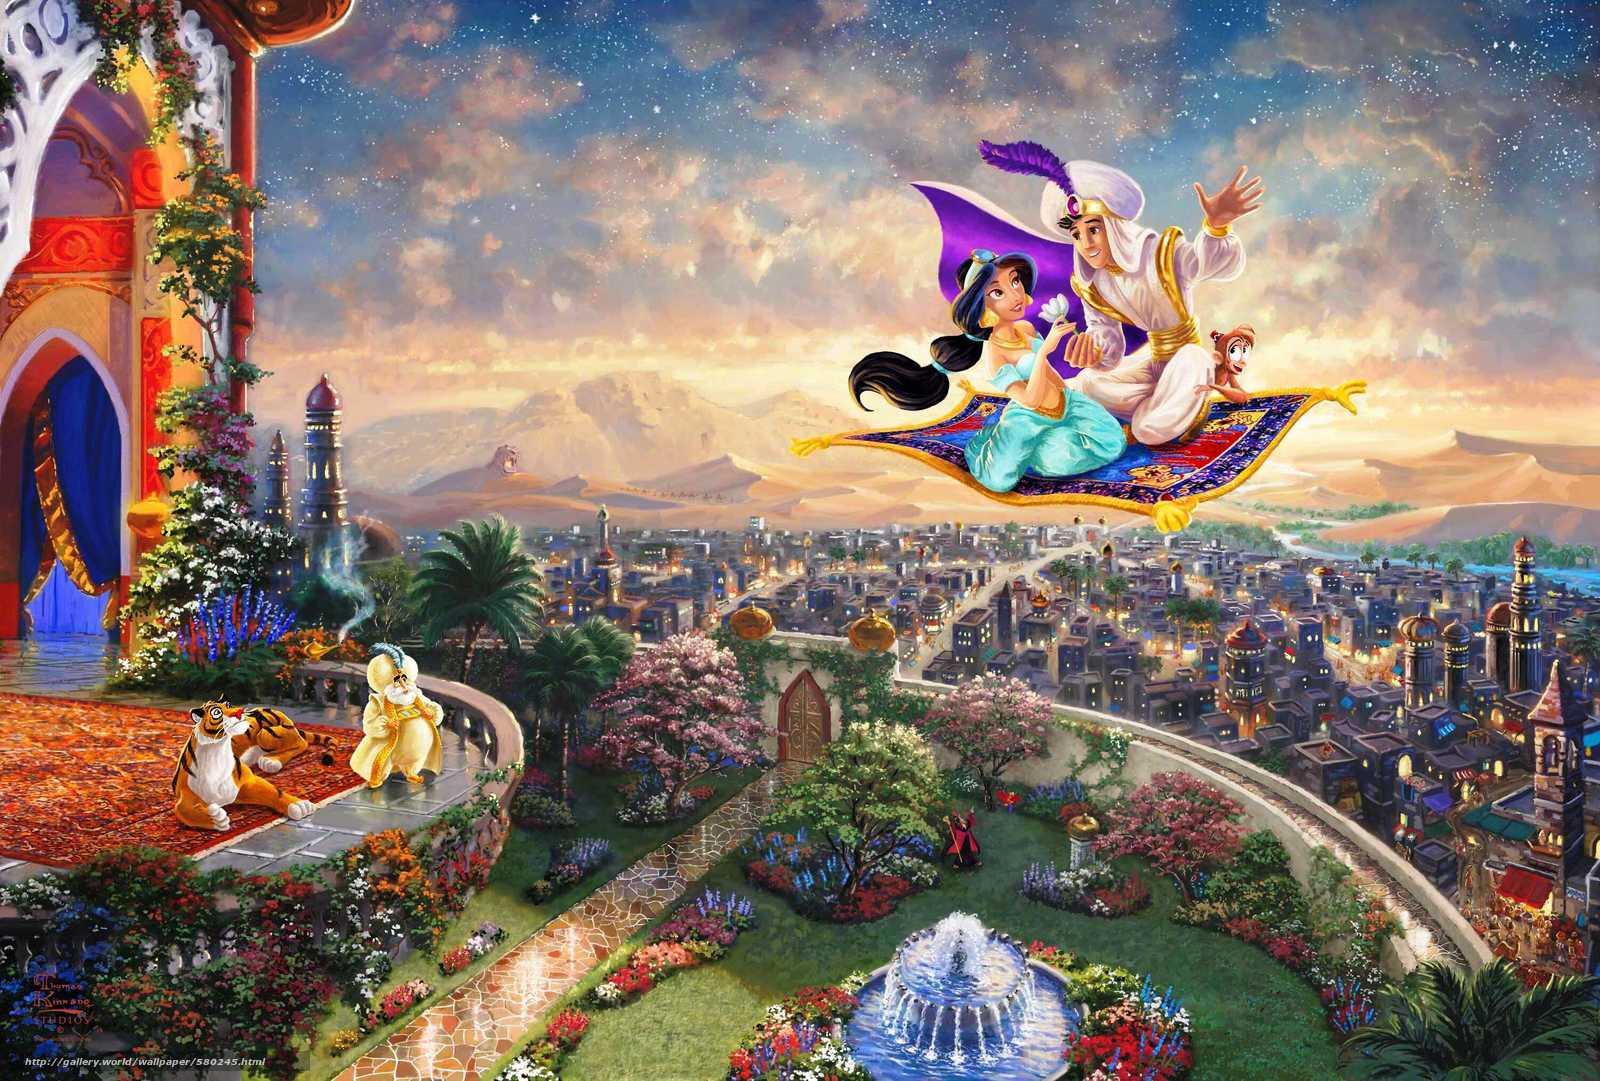 ディズニー アラジン Aladdin Pcデスクトップ壁紙 ジャスミン姫